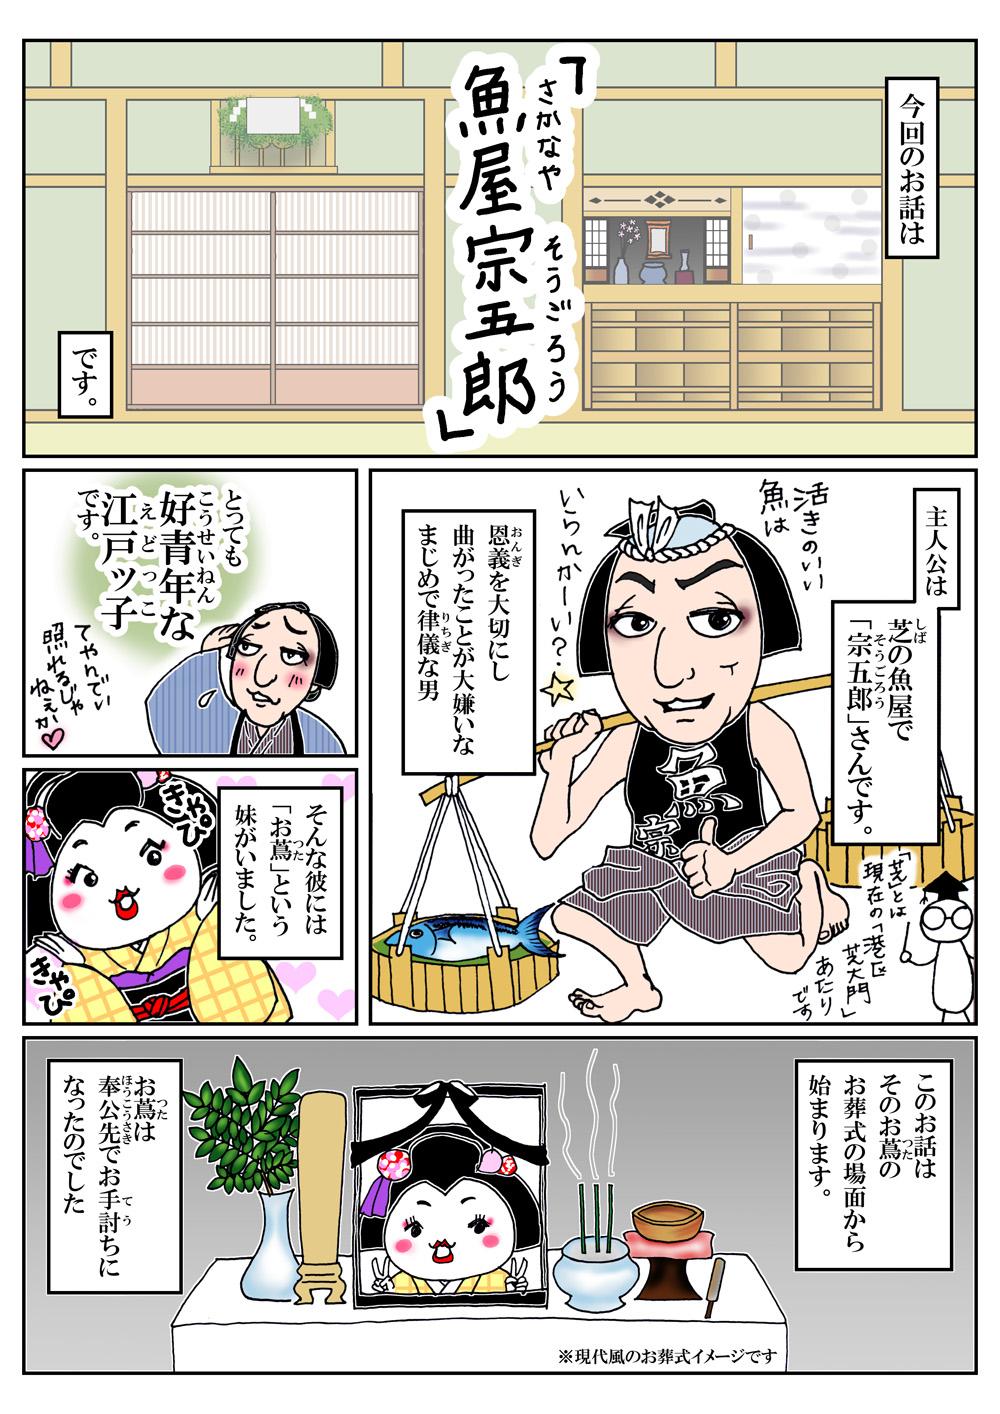 shinsarayashiki-page1.jpg